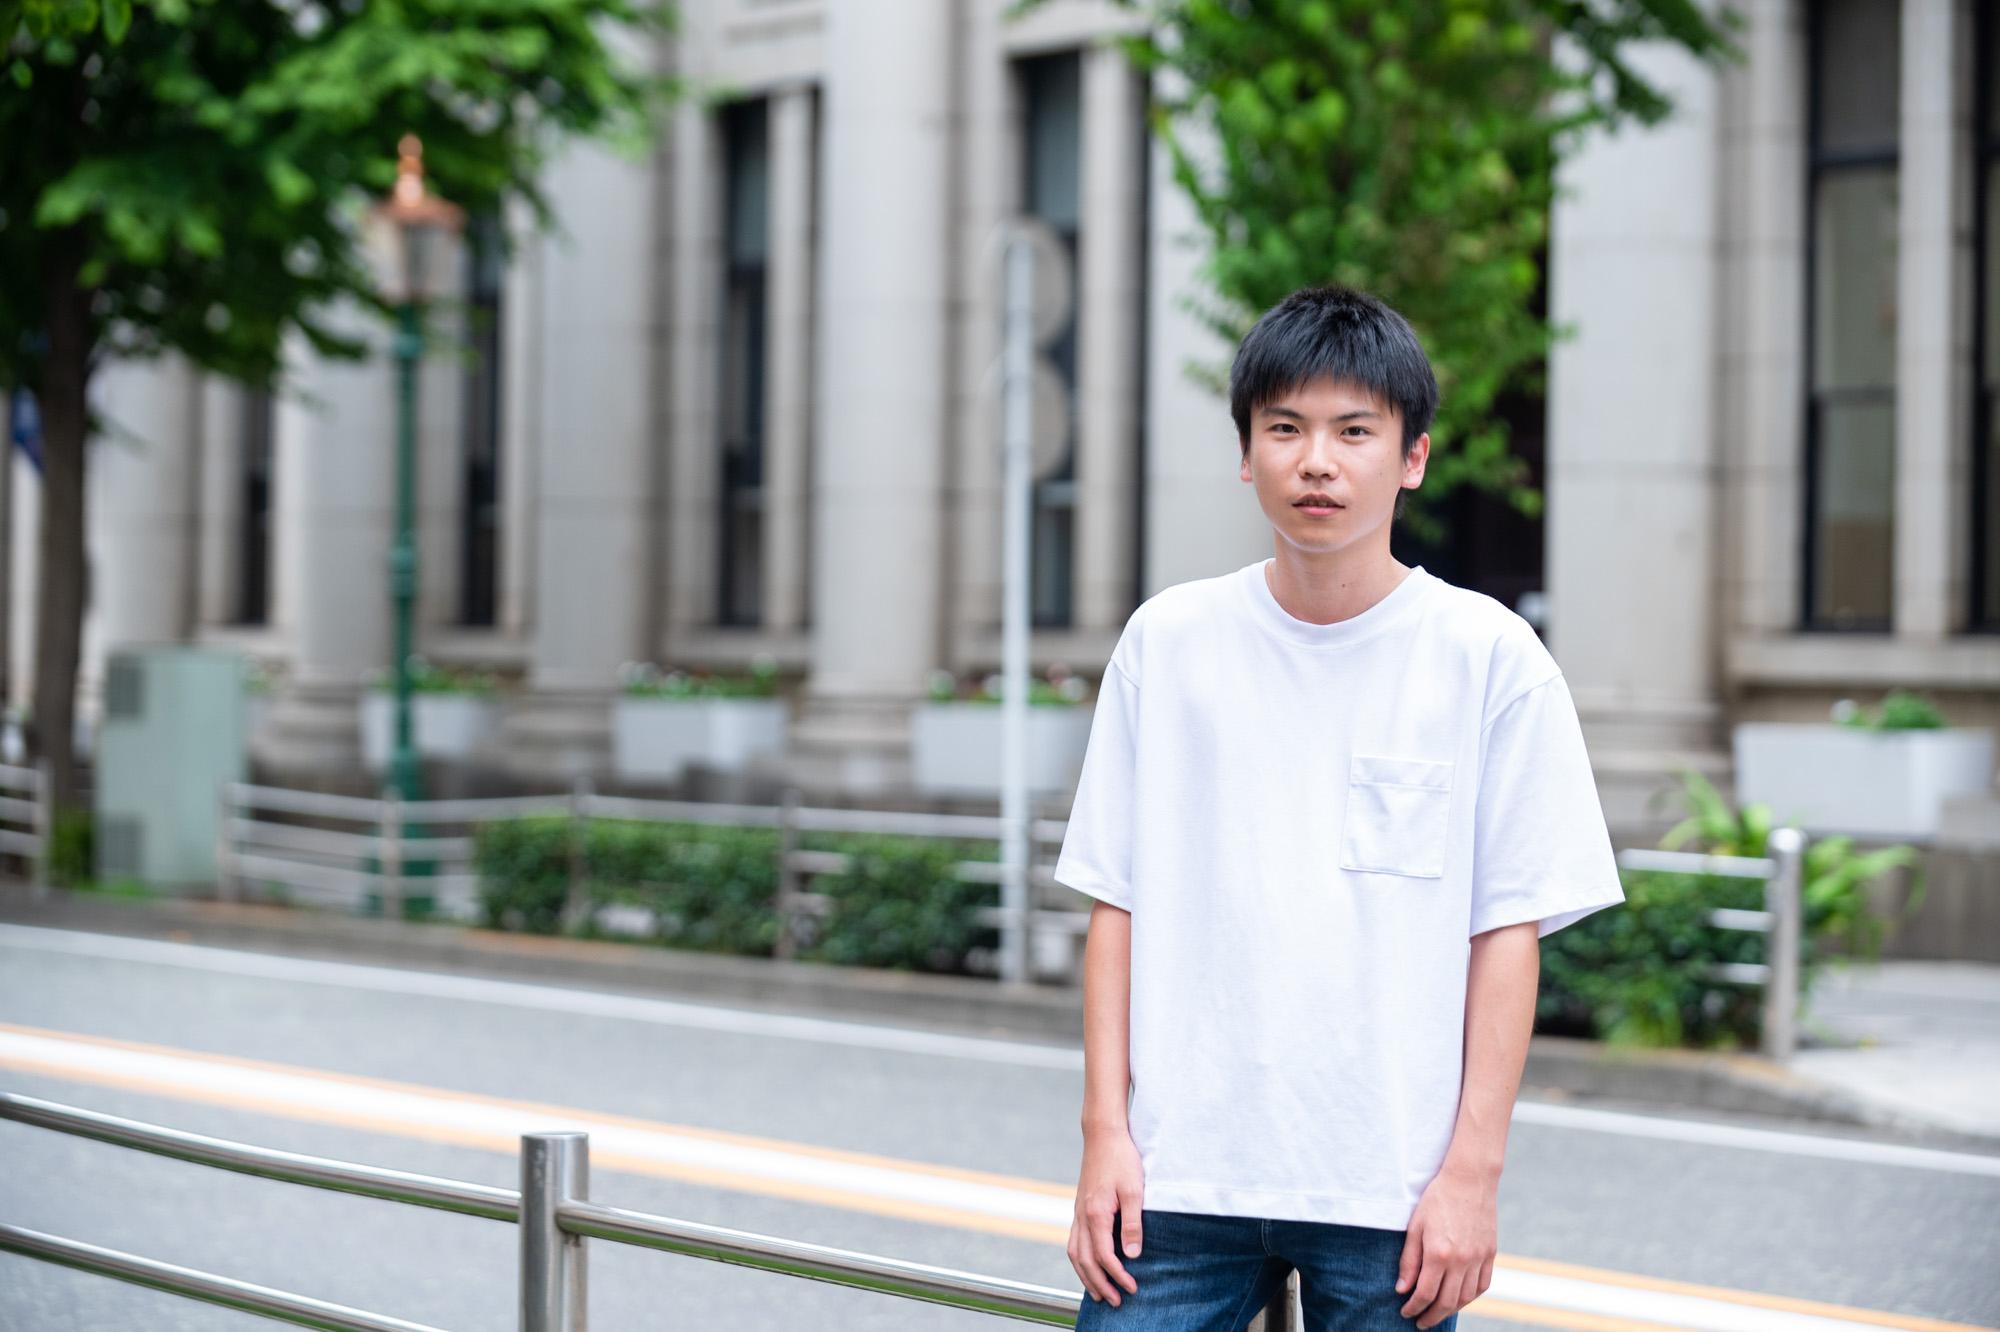 売れるしくみづくりを追及するマーケティングディレクター 碇谷堅樹さん